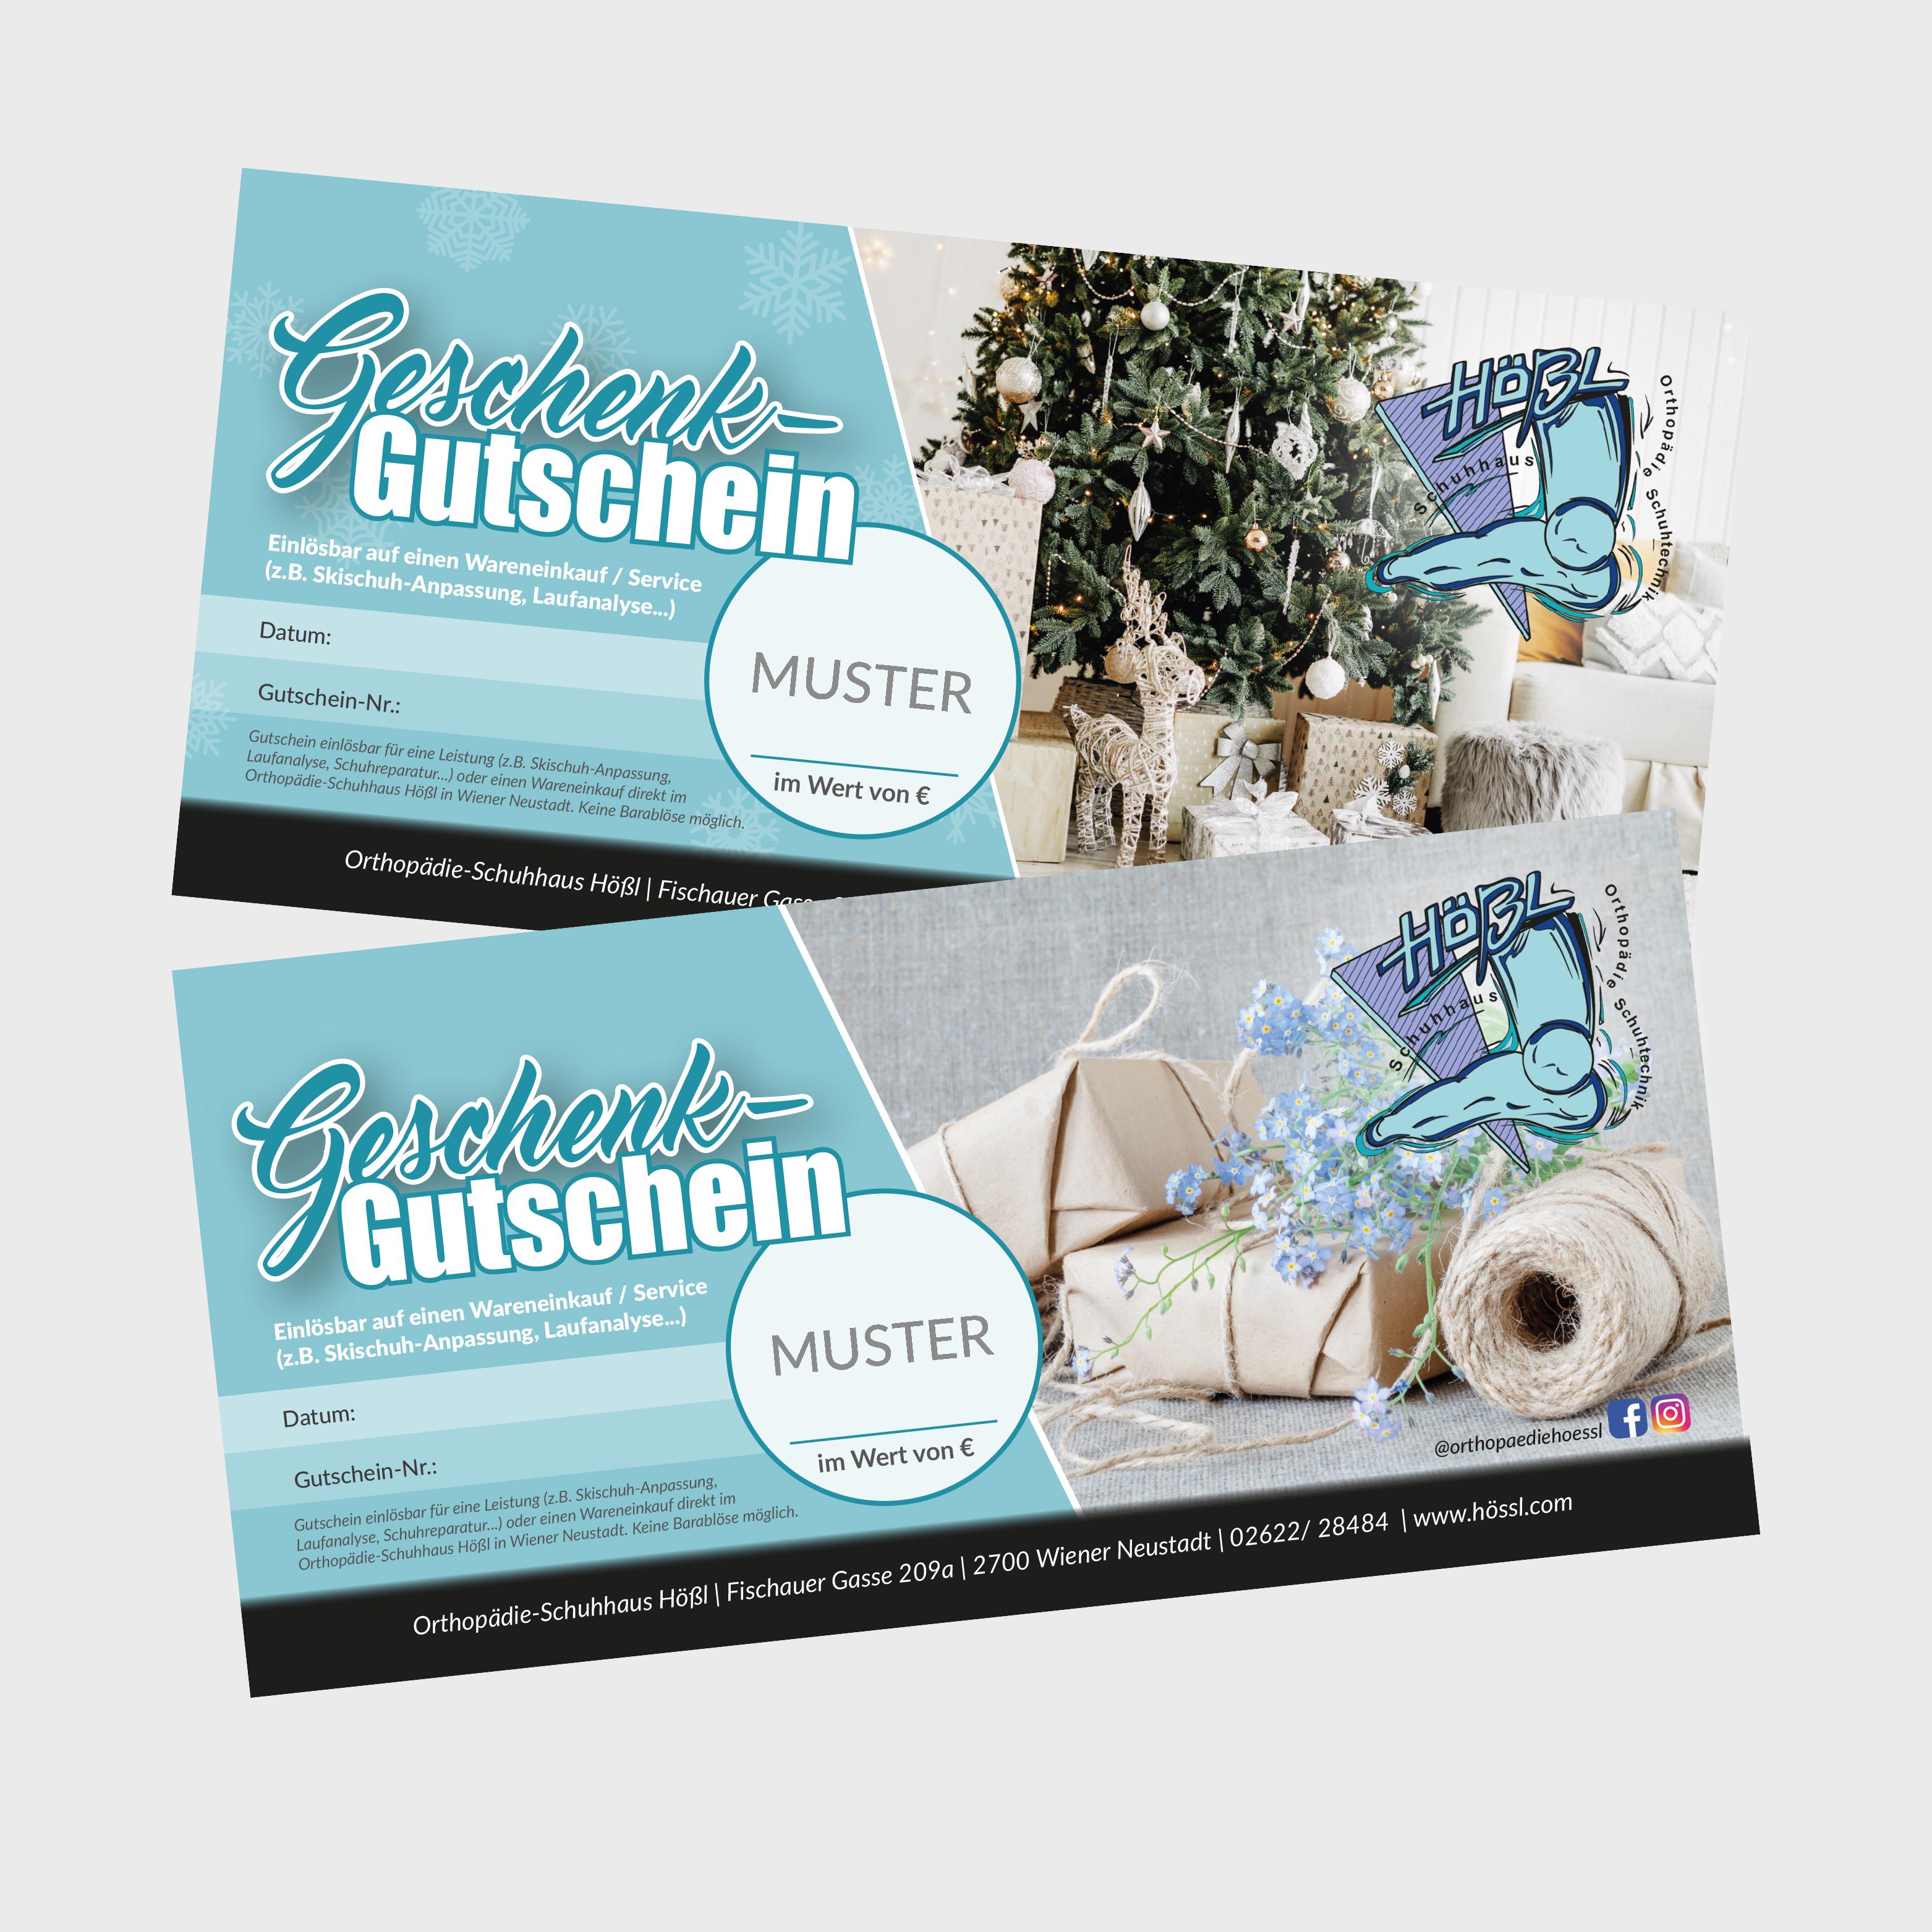 Gutscheine - Hößl GmbH, Wiener Neustadt